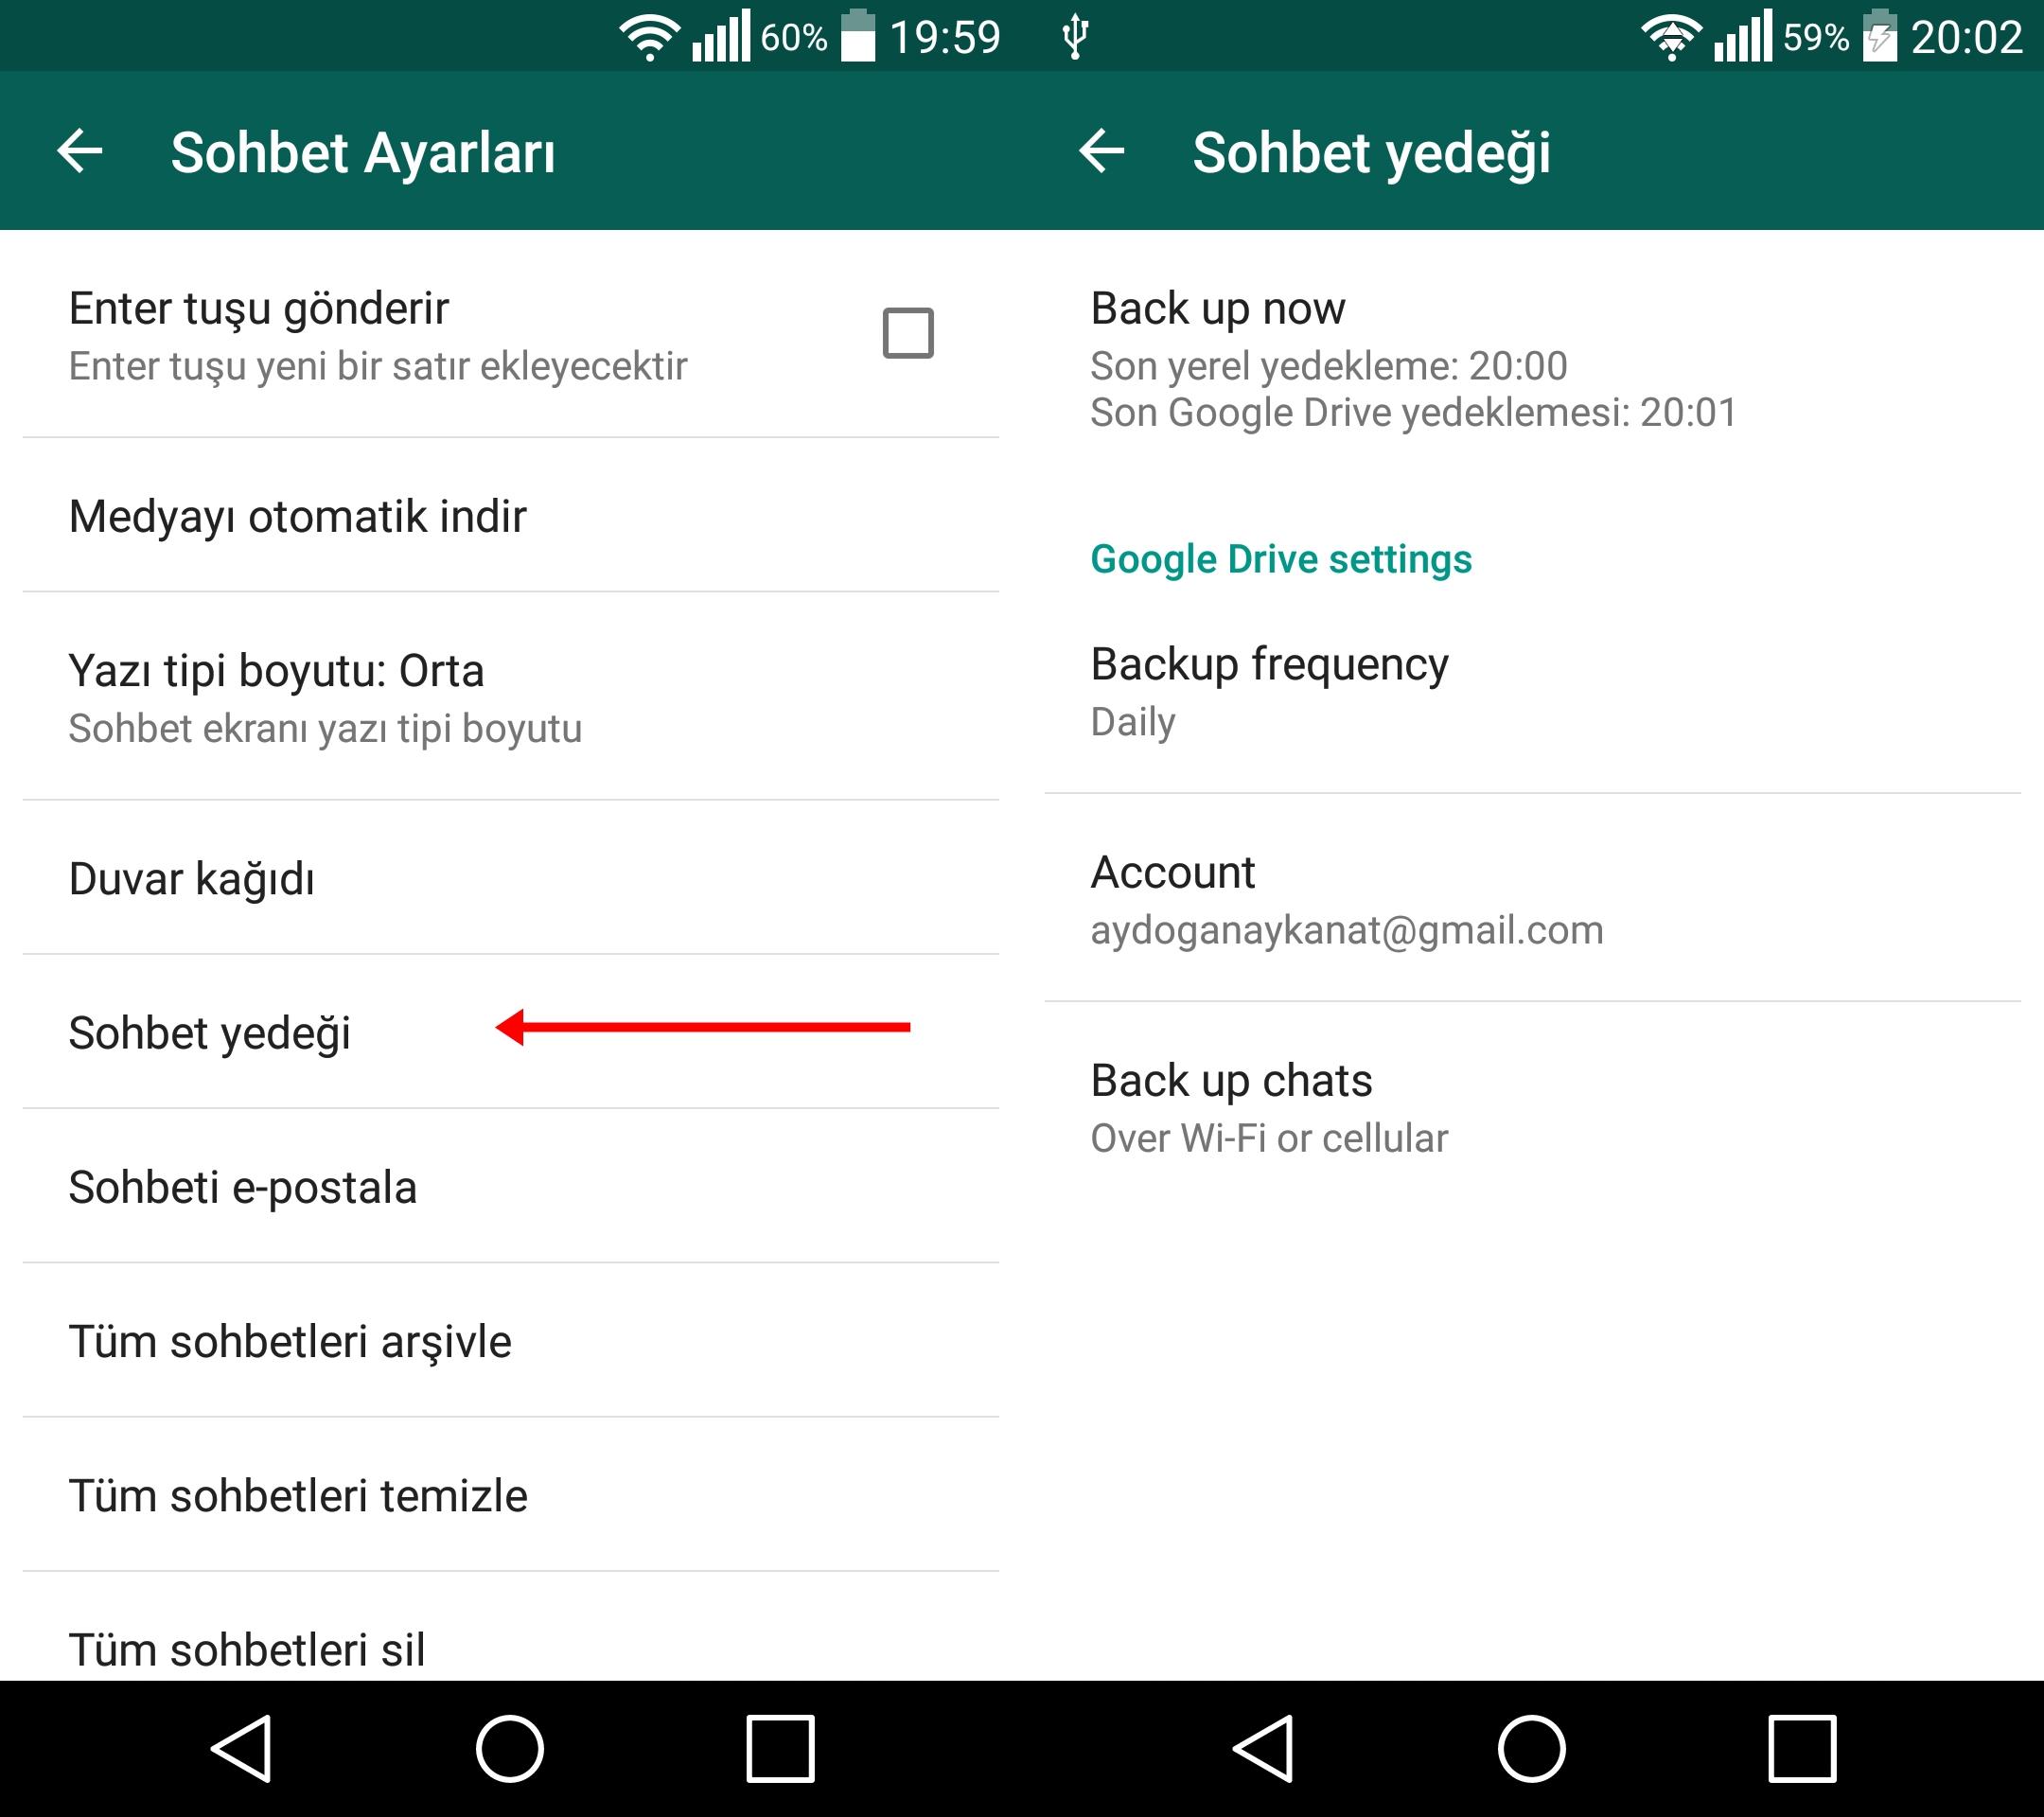 Android işletim sistemleri telefonlarda WhatsApp yedeklerini geri yükleme